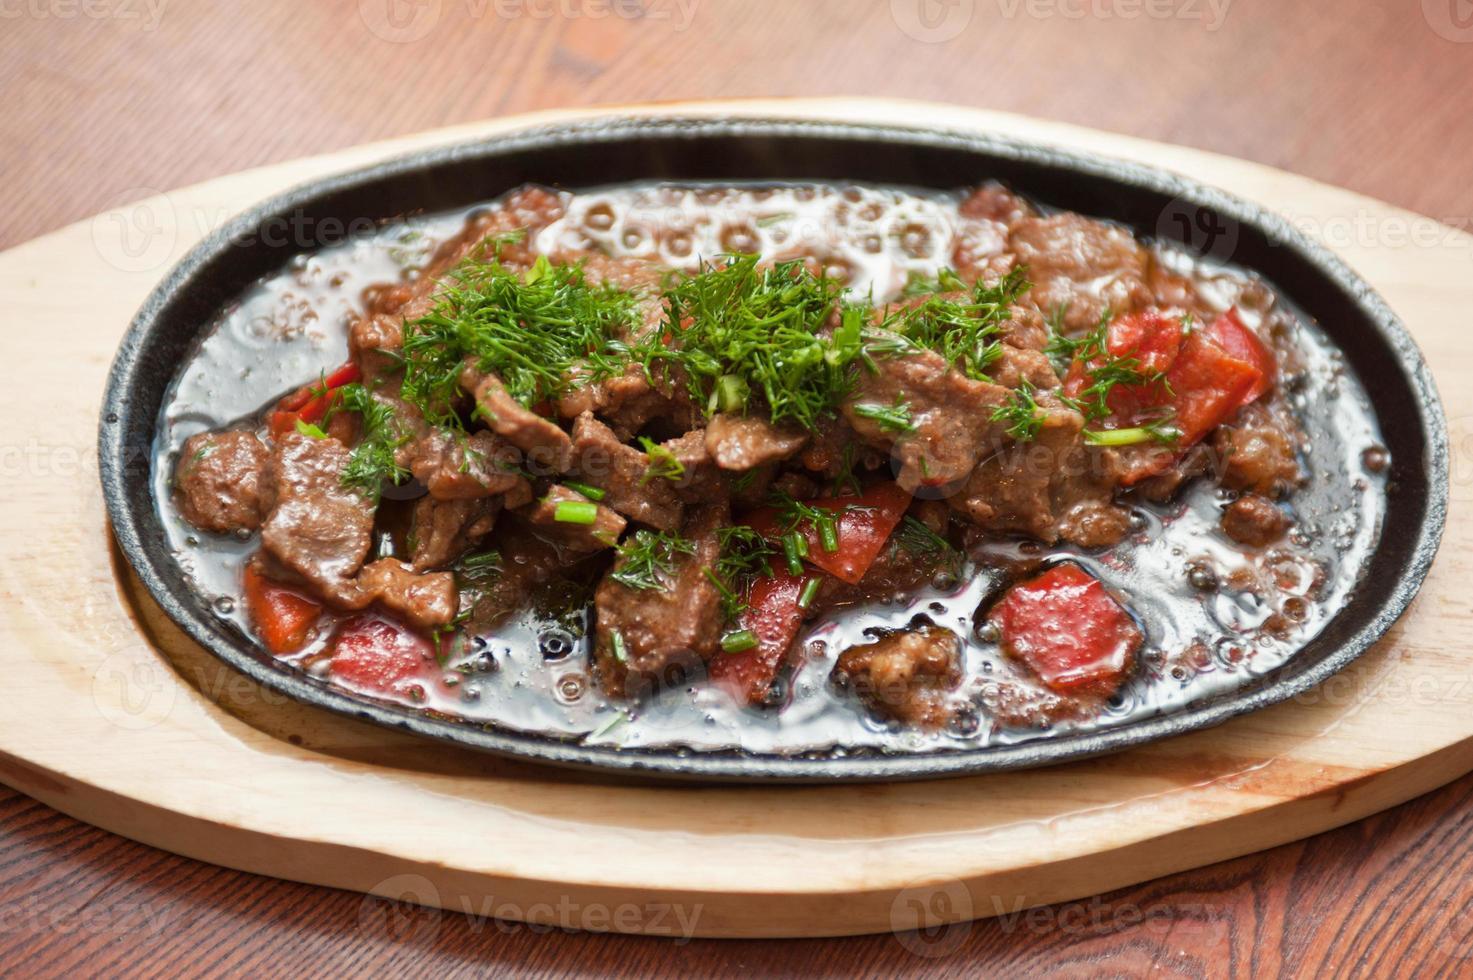 carne con verduras foto